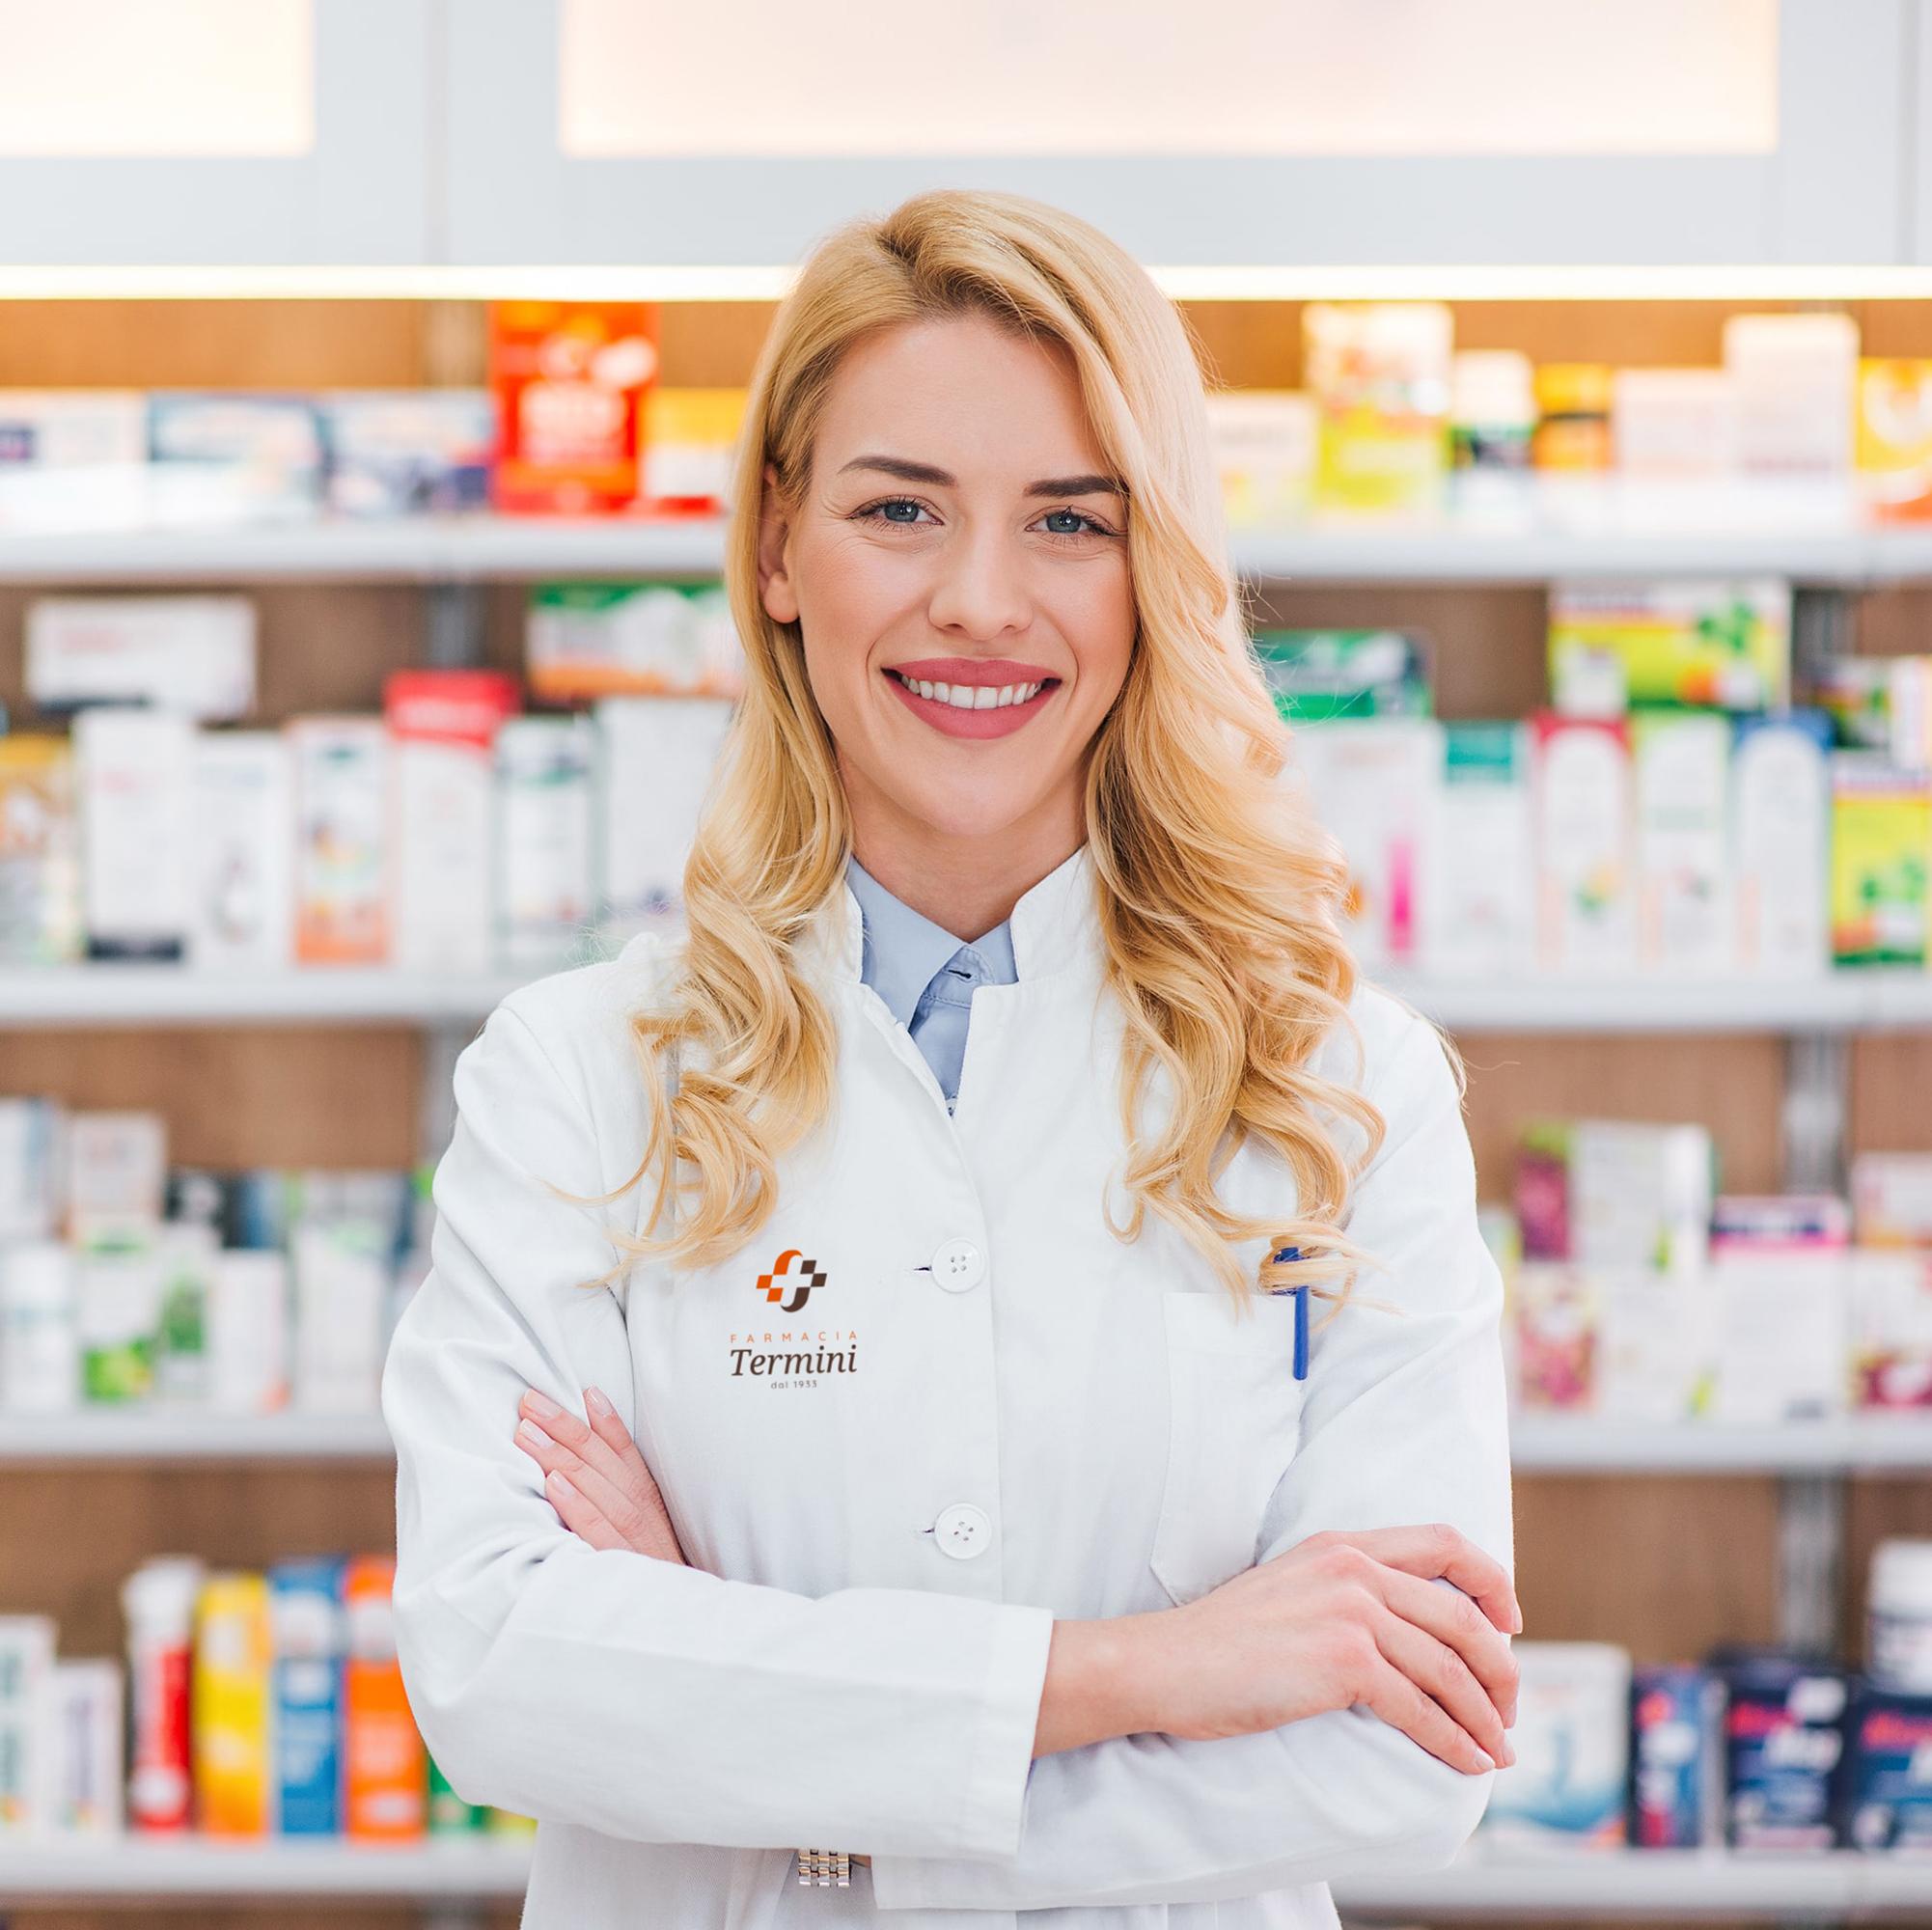 FarmaciaTremini-Camice